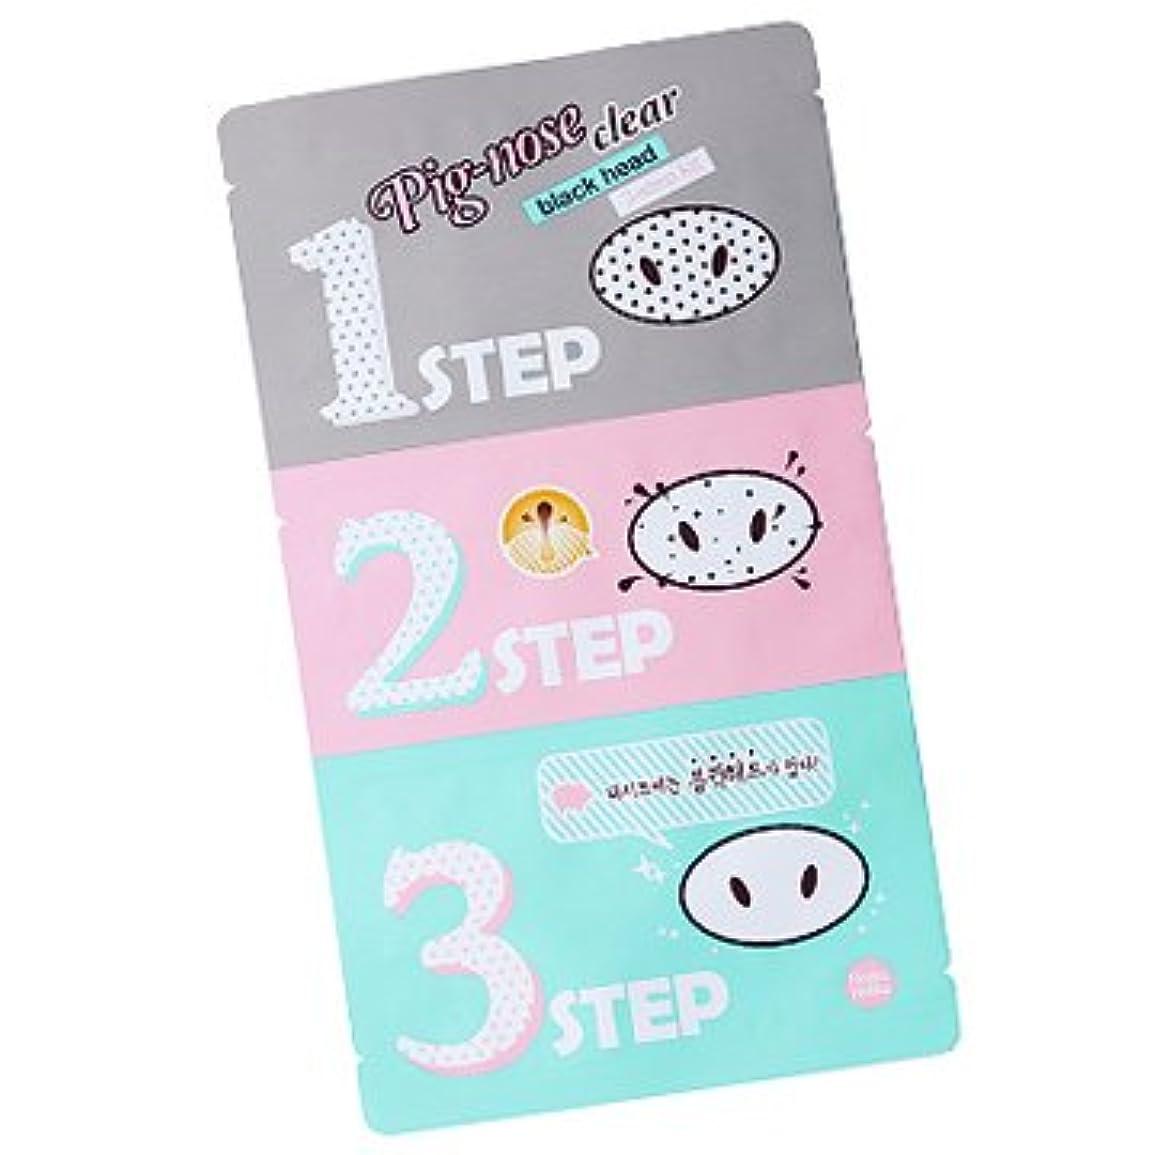 緩める批評考古学的なHolika Holika Pig Nose Clear Black Head 3-Step Kit 5EA (Nose Pack) ホリカホリカ ピグノーズクリアブラックヘッド3-Stepキット(鼻パック) 5pcs...